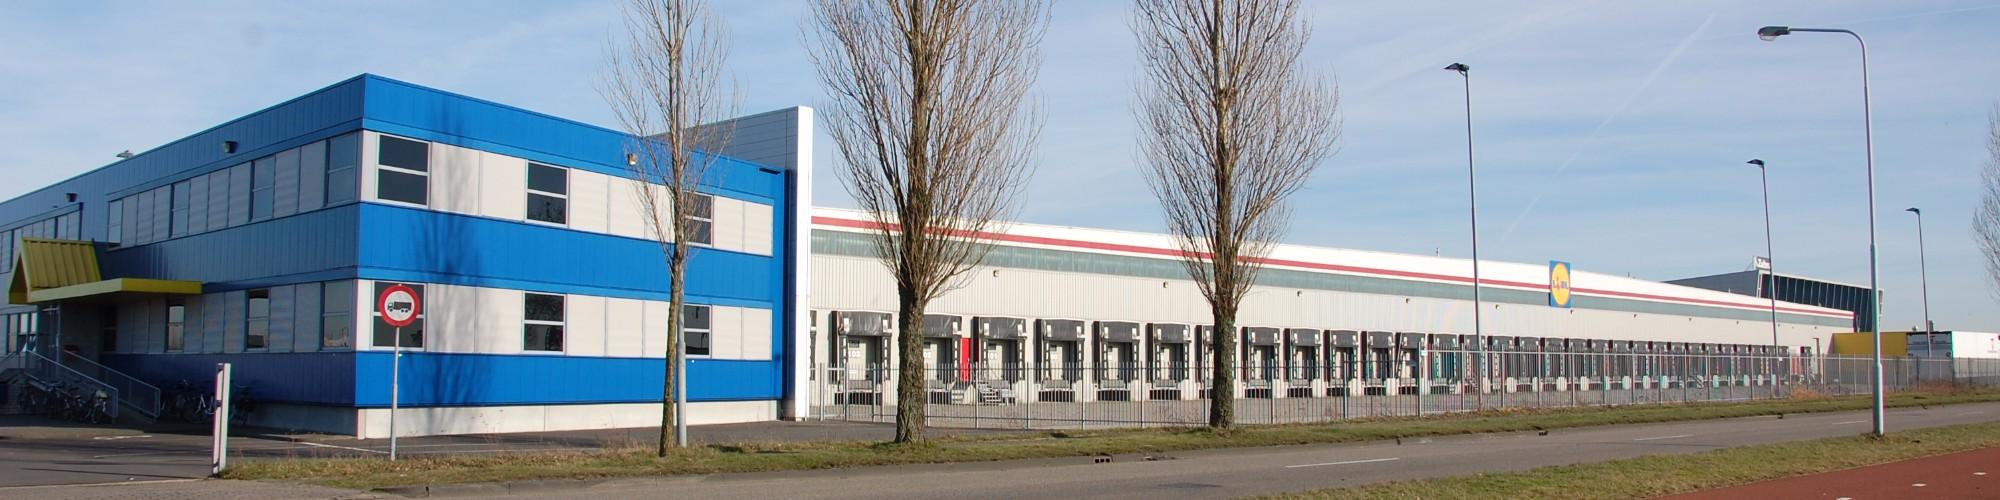 Lidl - Heerenveen.JPG